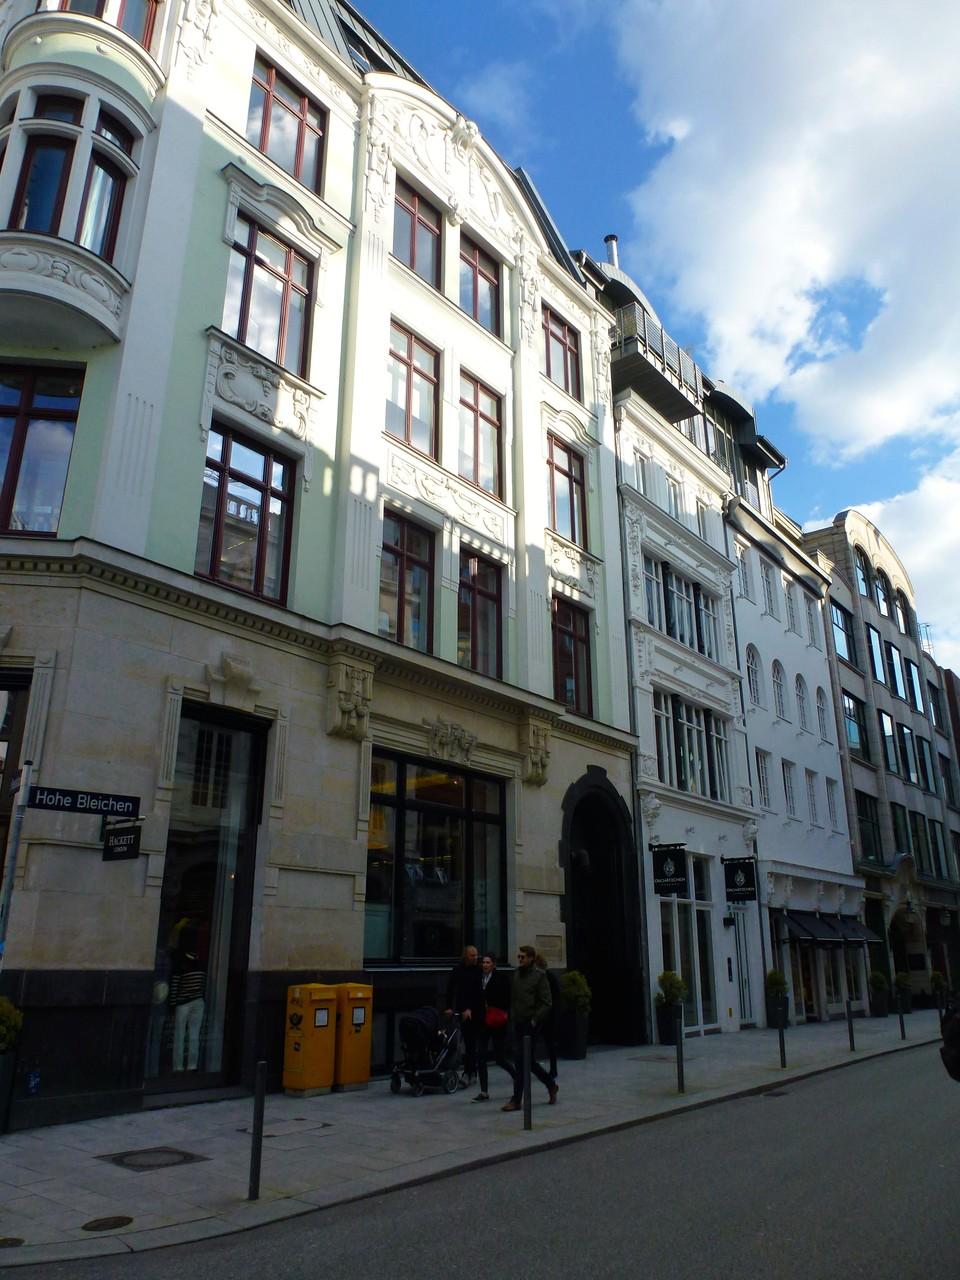 Poststraße Ecke Hohe Bleichen